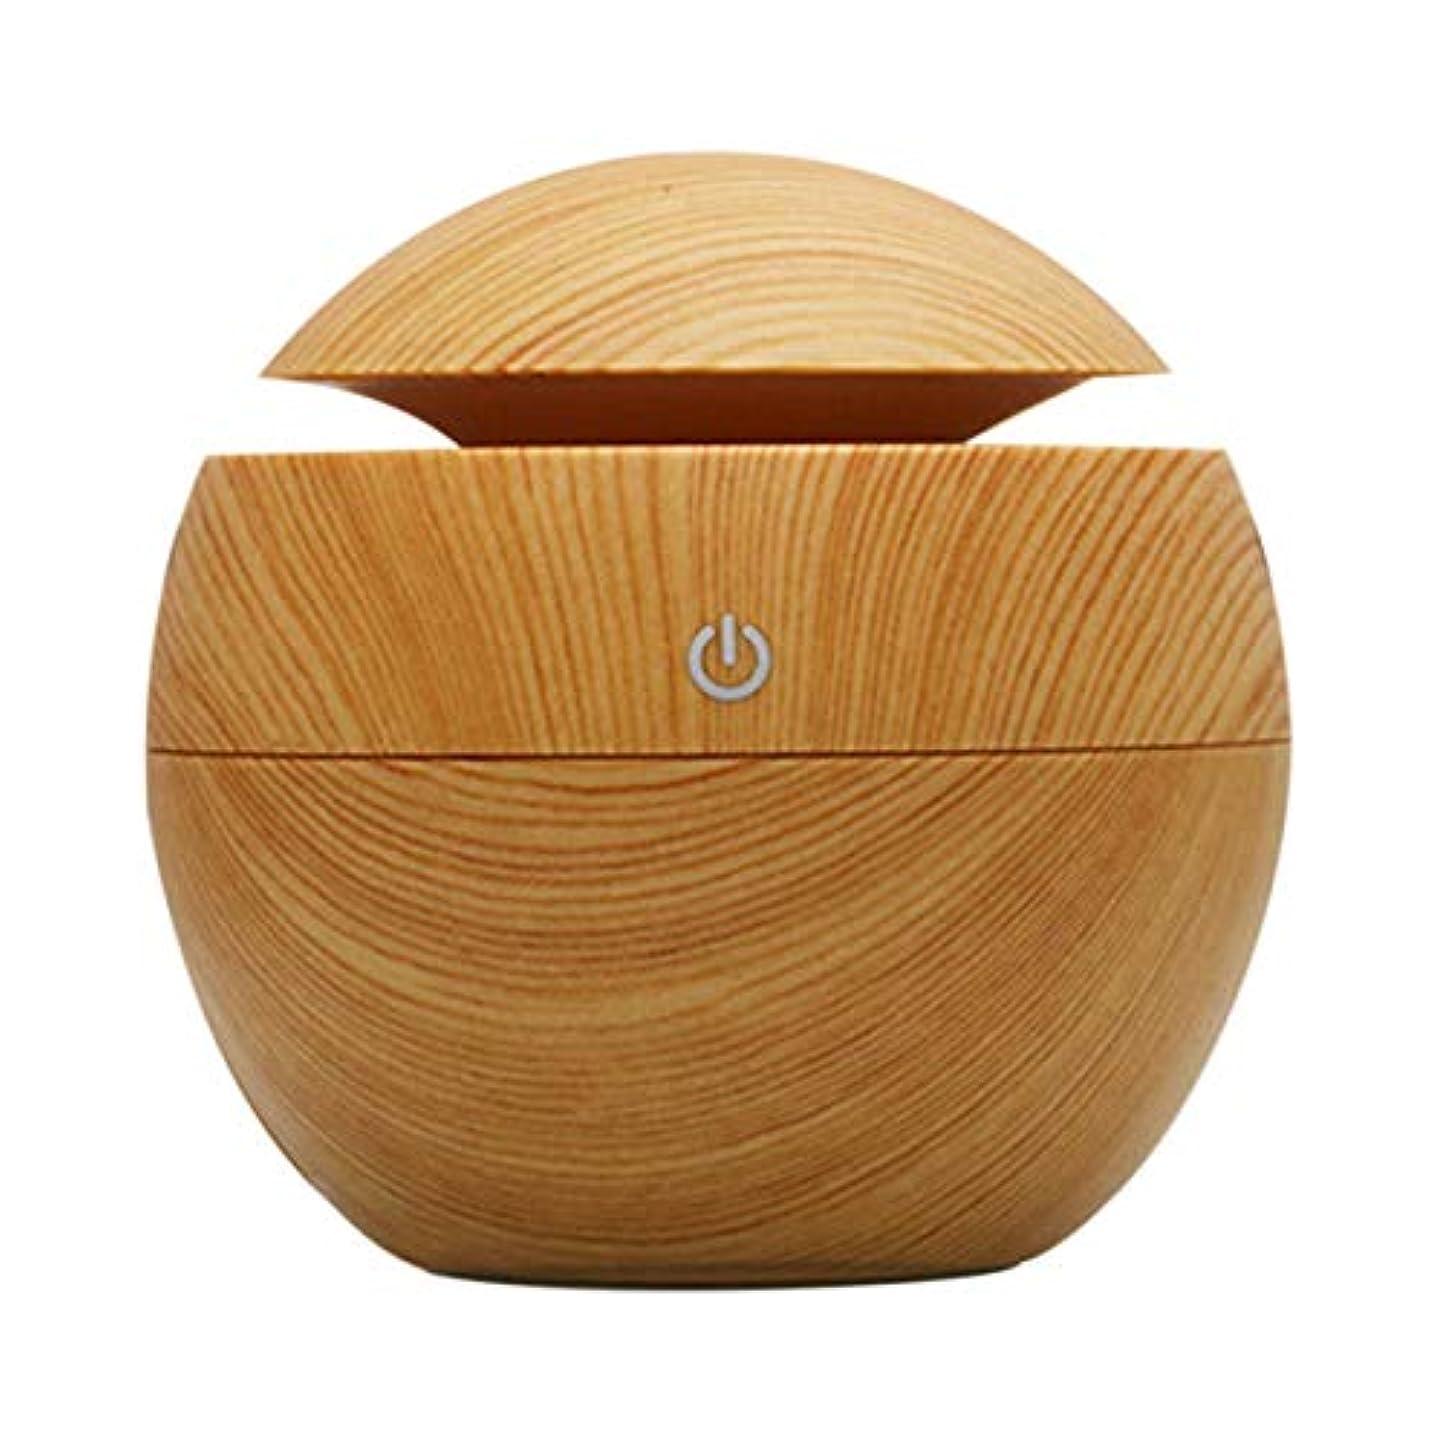 肯定的衝突するバルセロナSaikogoods 130mlのポータブルサイズの木製のホームオフィスアロマエッセンシャルオイルディフューザー超音波USB充電式ミスト加湿器 ライトウッドカラー